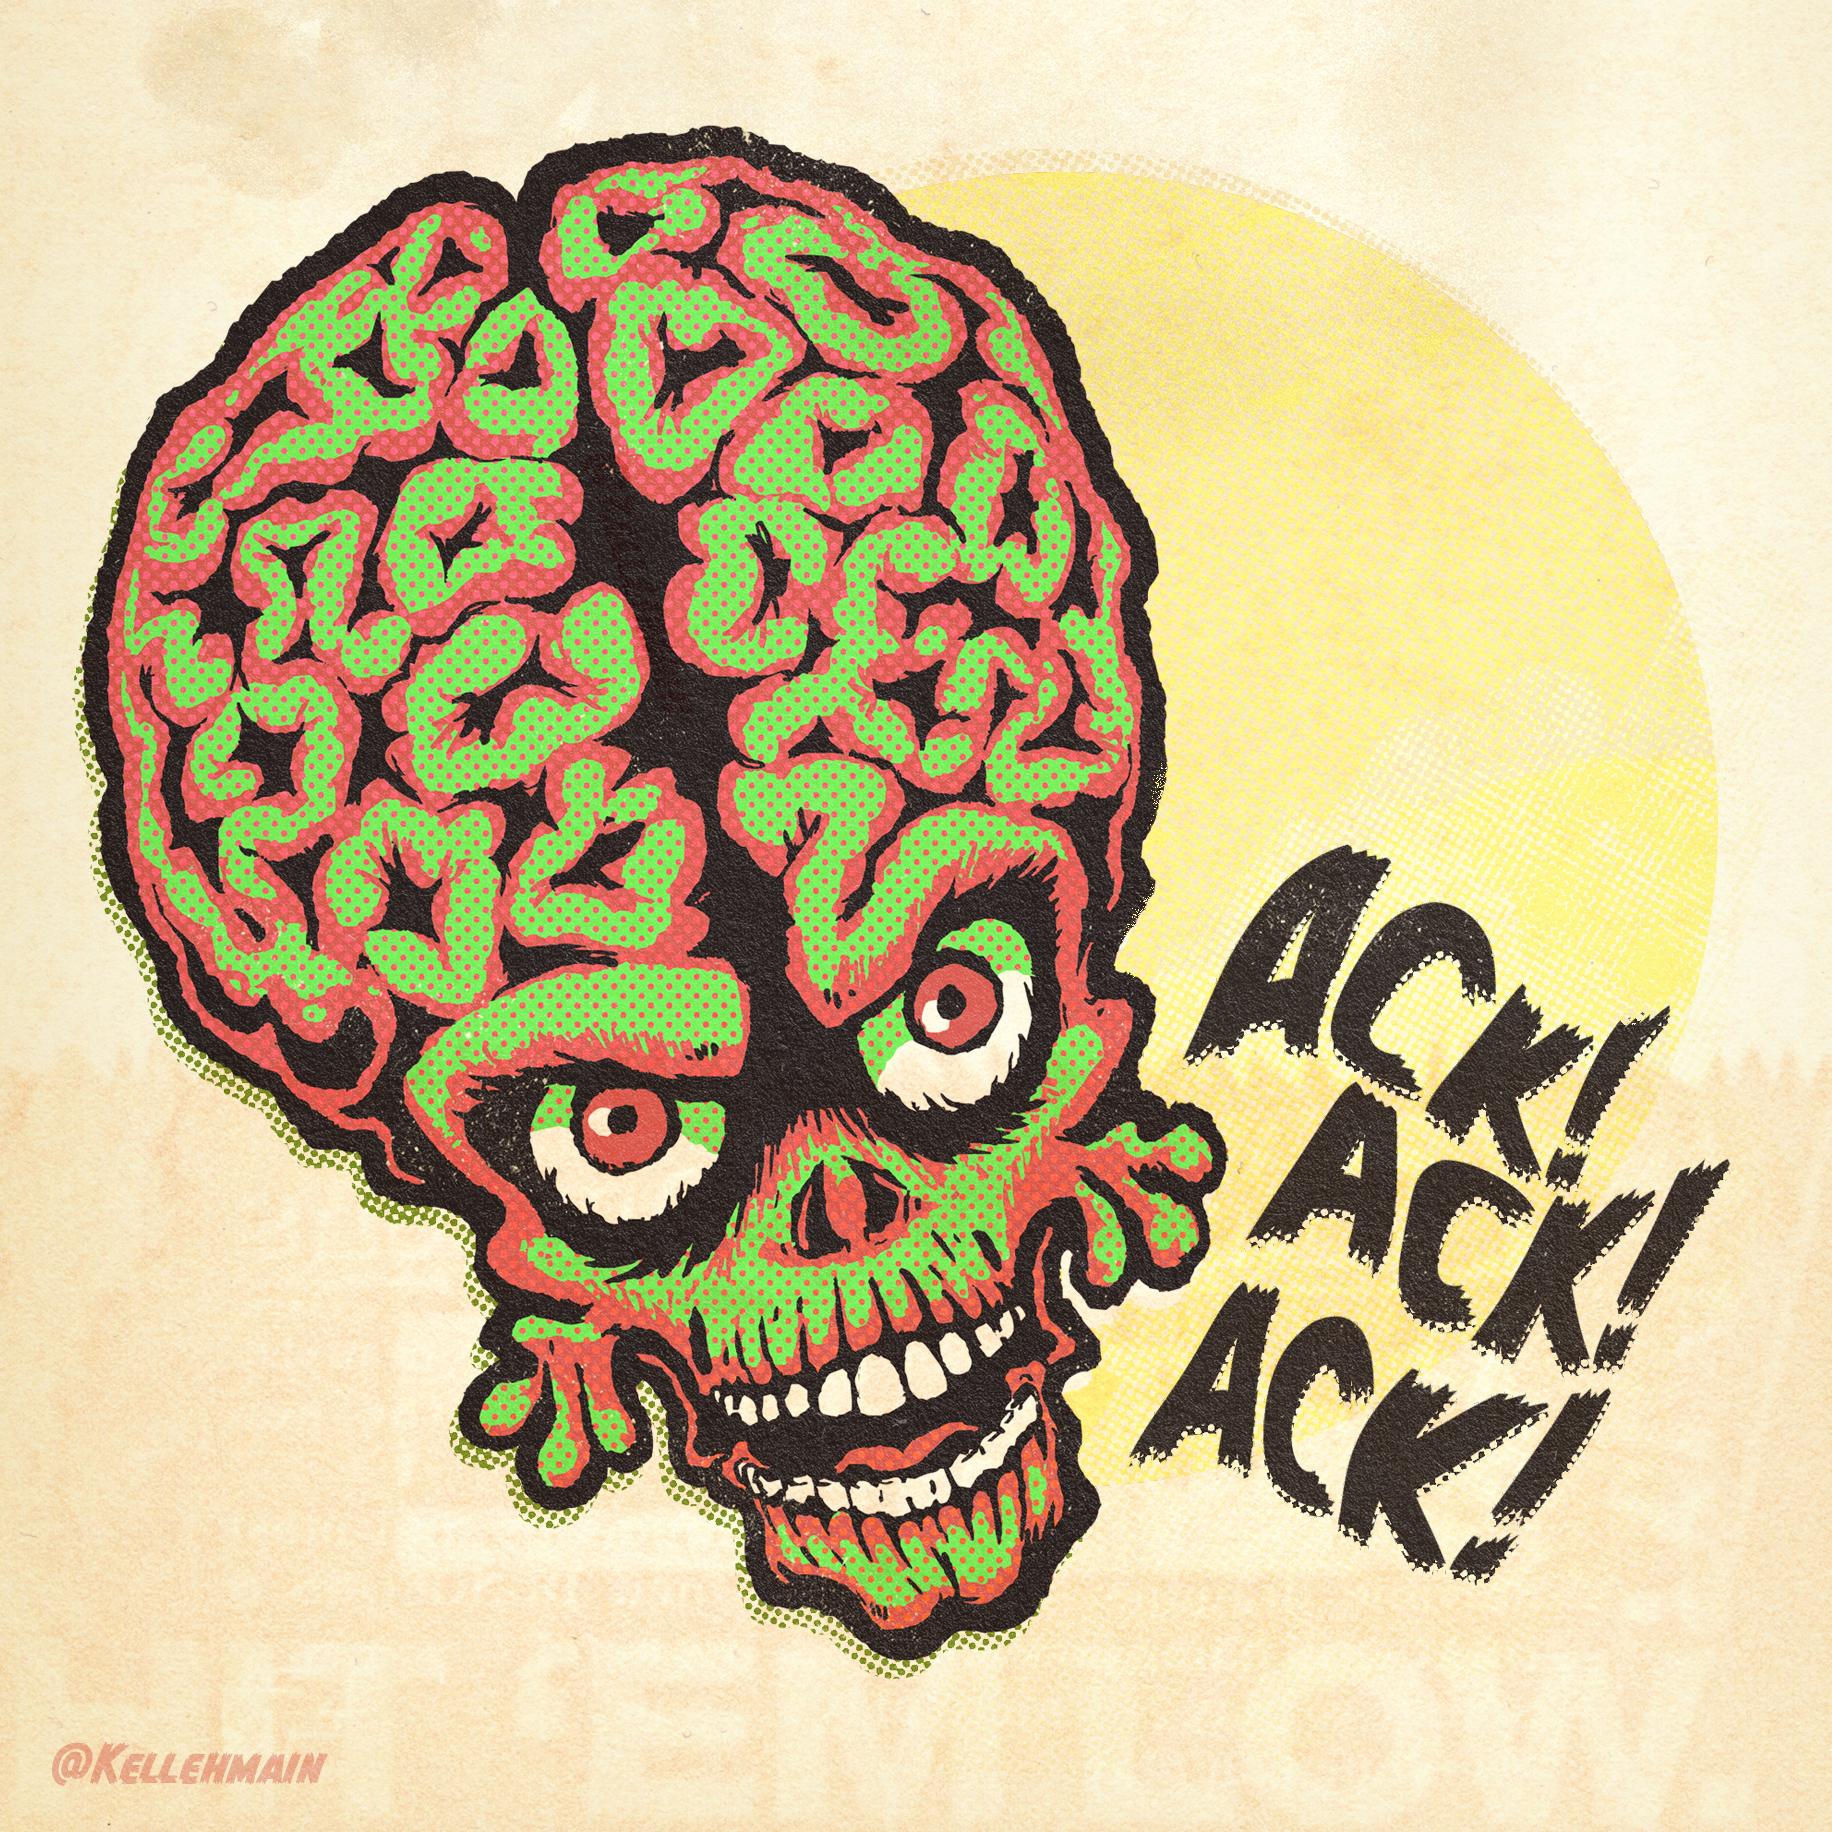 Mars Attacks!  inspired comic illustration.